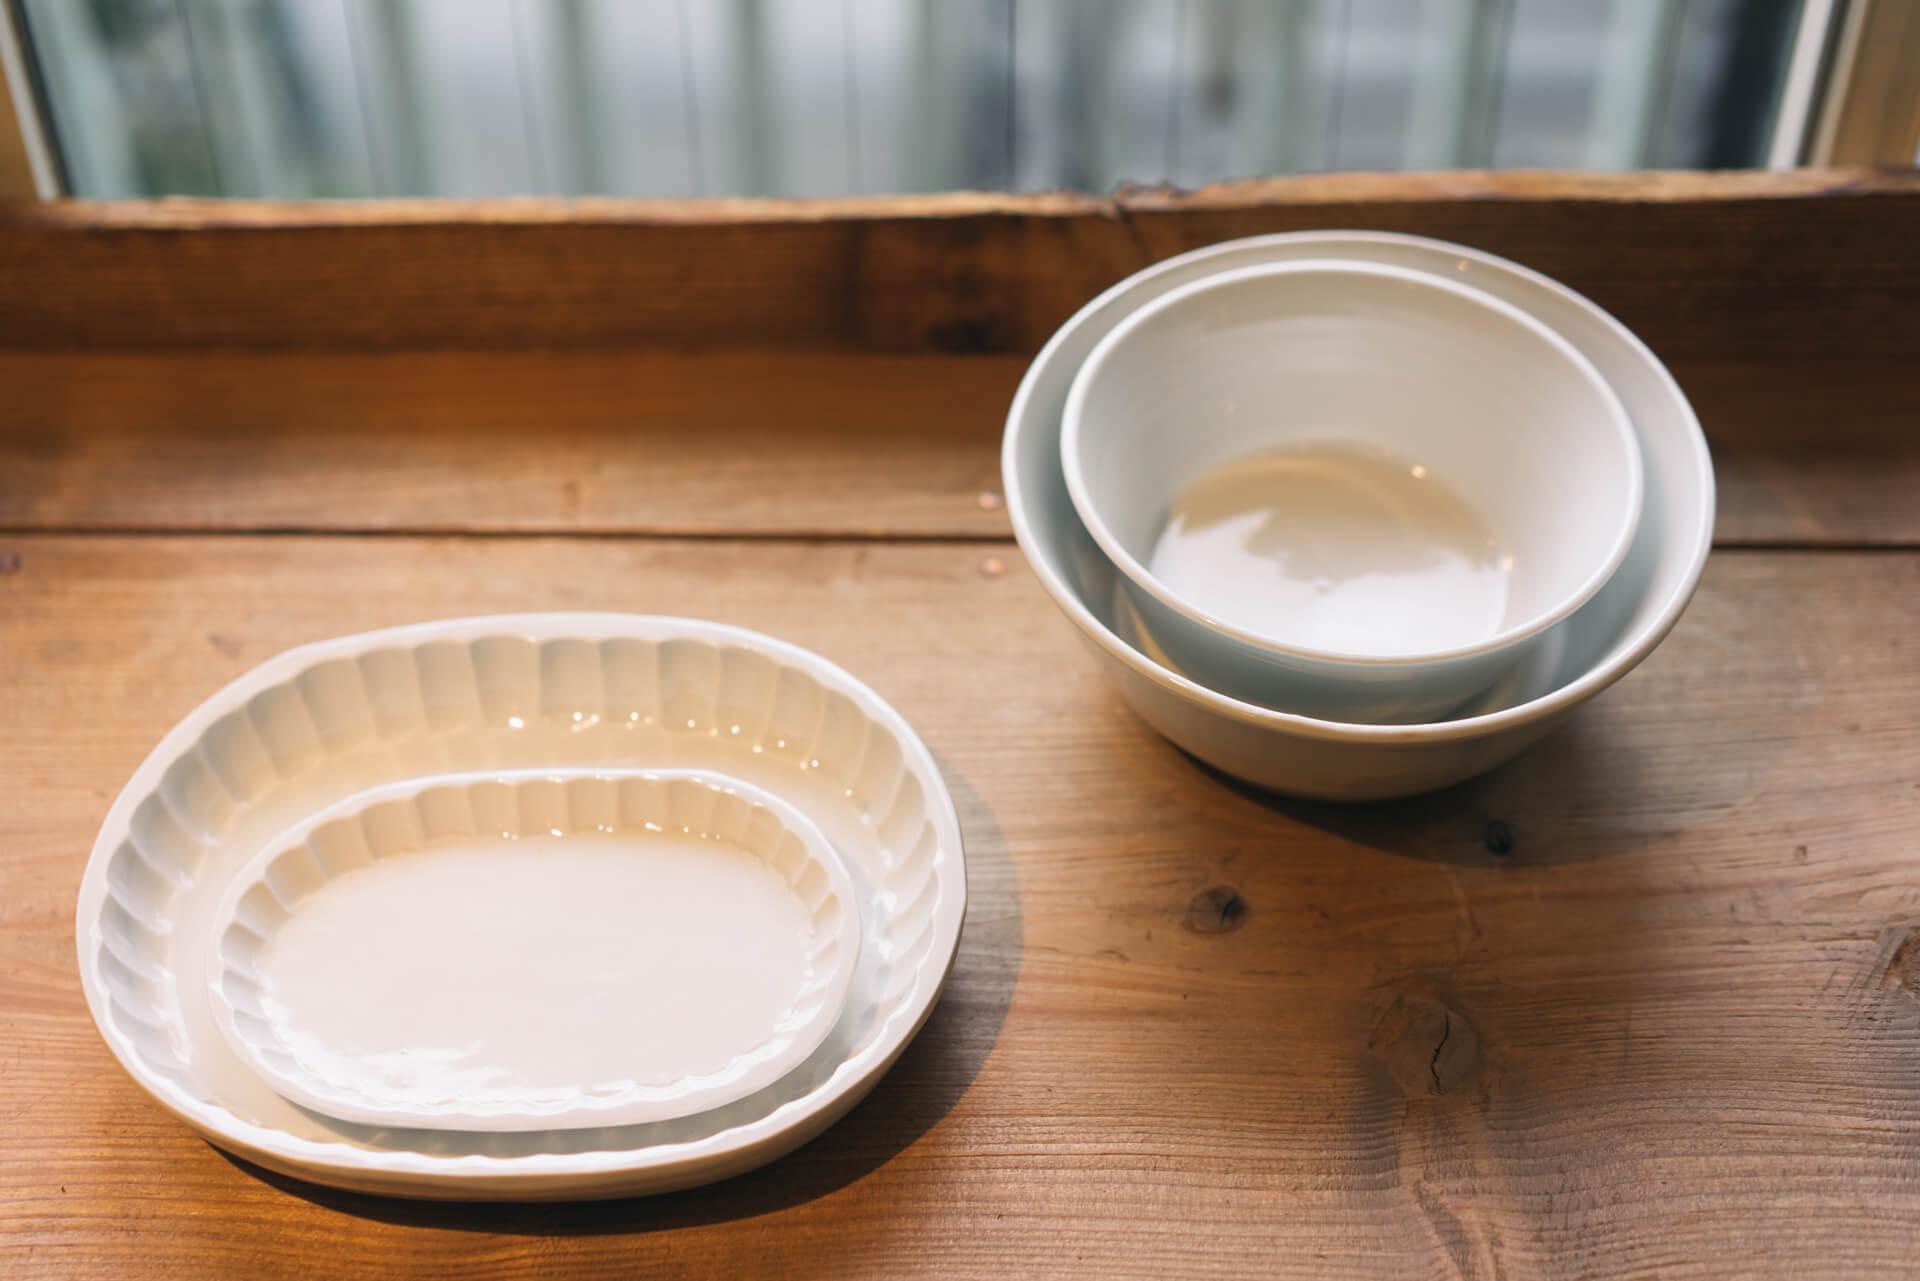 日常使いにおすすめなのは、五十嵐元次(いがらしもとじ)さんの白い器。リーズナブルで、オーブンでも電子レンジでも使えて、何にでも合わせられる器です。